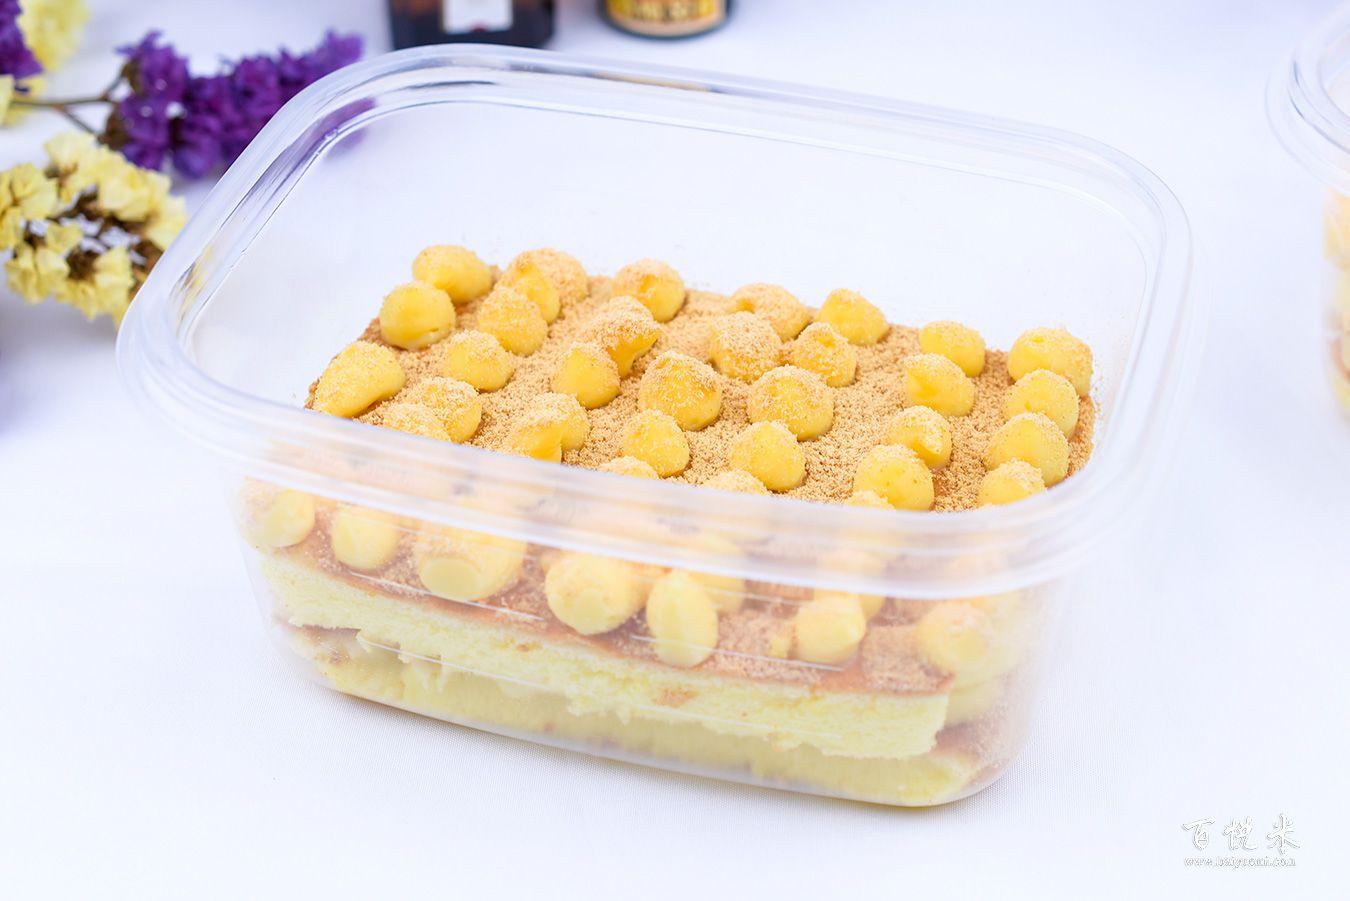 豆乳盒子蛋糕高清图片大全【蛋糕图片】_717